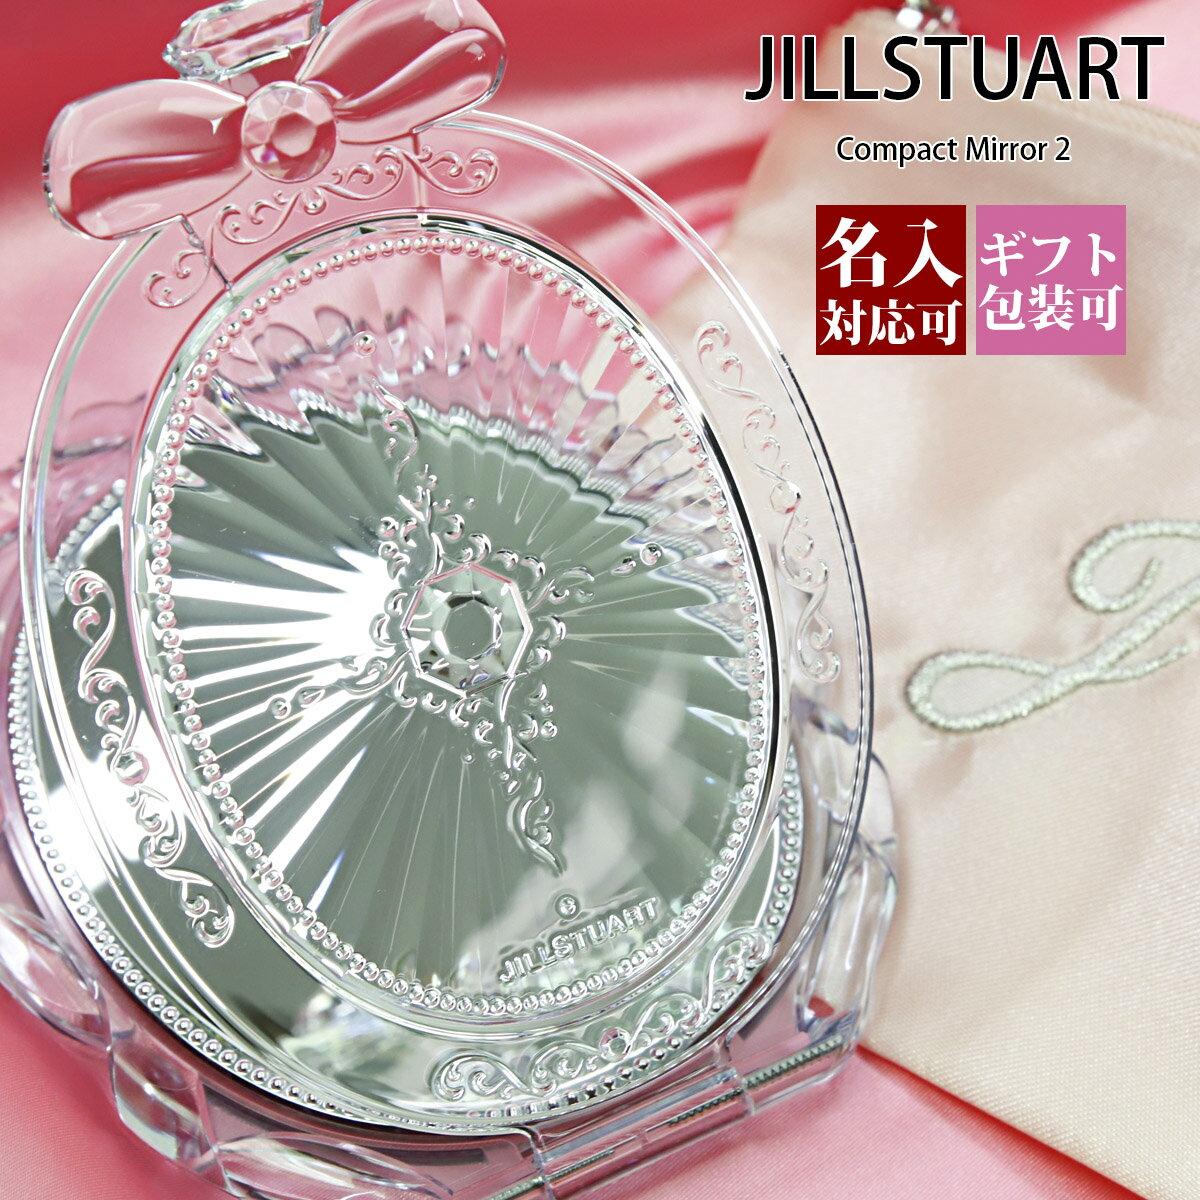 【ネコポス送料無料】名入れ ジルスチュアート JILL STUART ミラー 鏡 手鏡 Compact Mirror 2 ジルスチュアート コンパクトミラー 2 23579 正規品 セール 送料無料ブランド 新品 新作 2018年